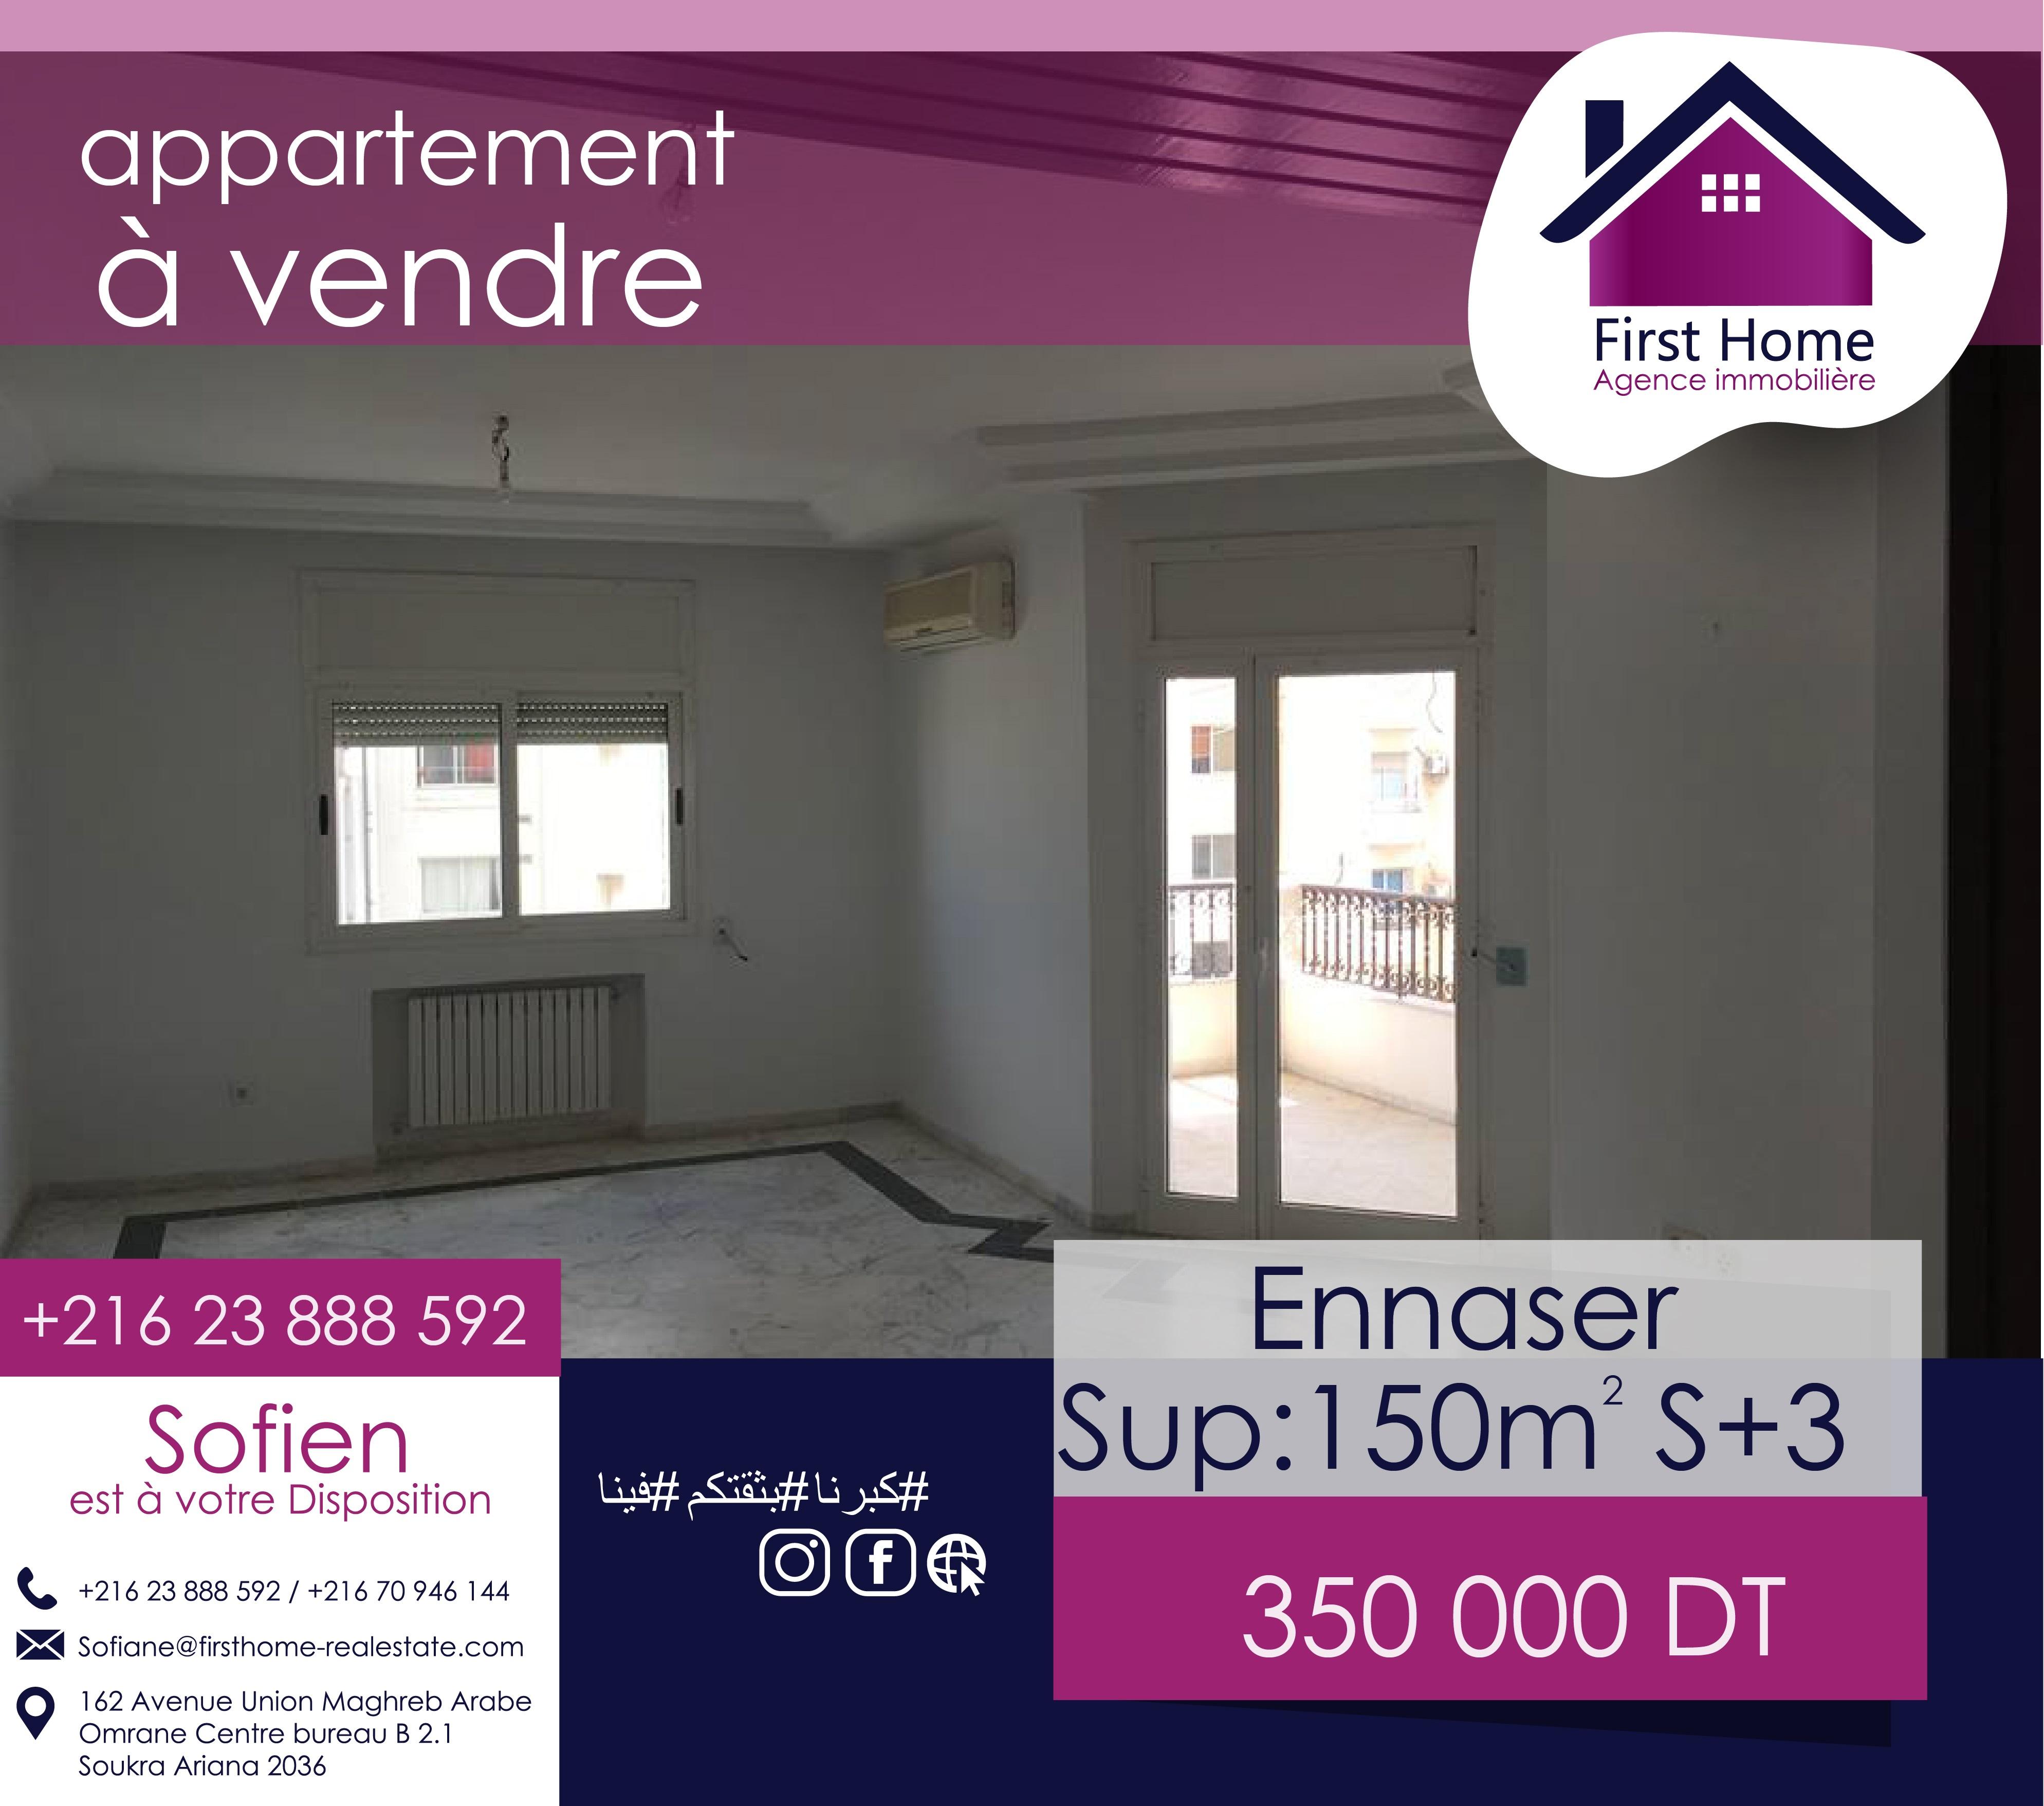 Un spacieux appartement S+3 est en vente à Ennaser